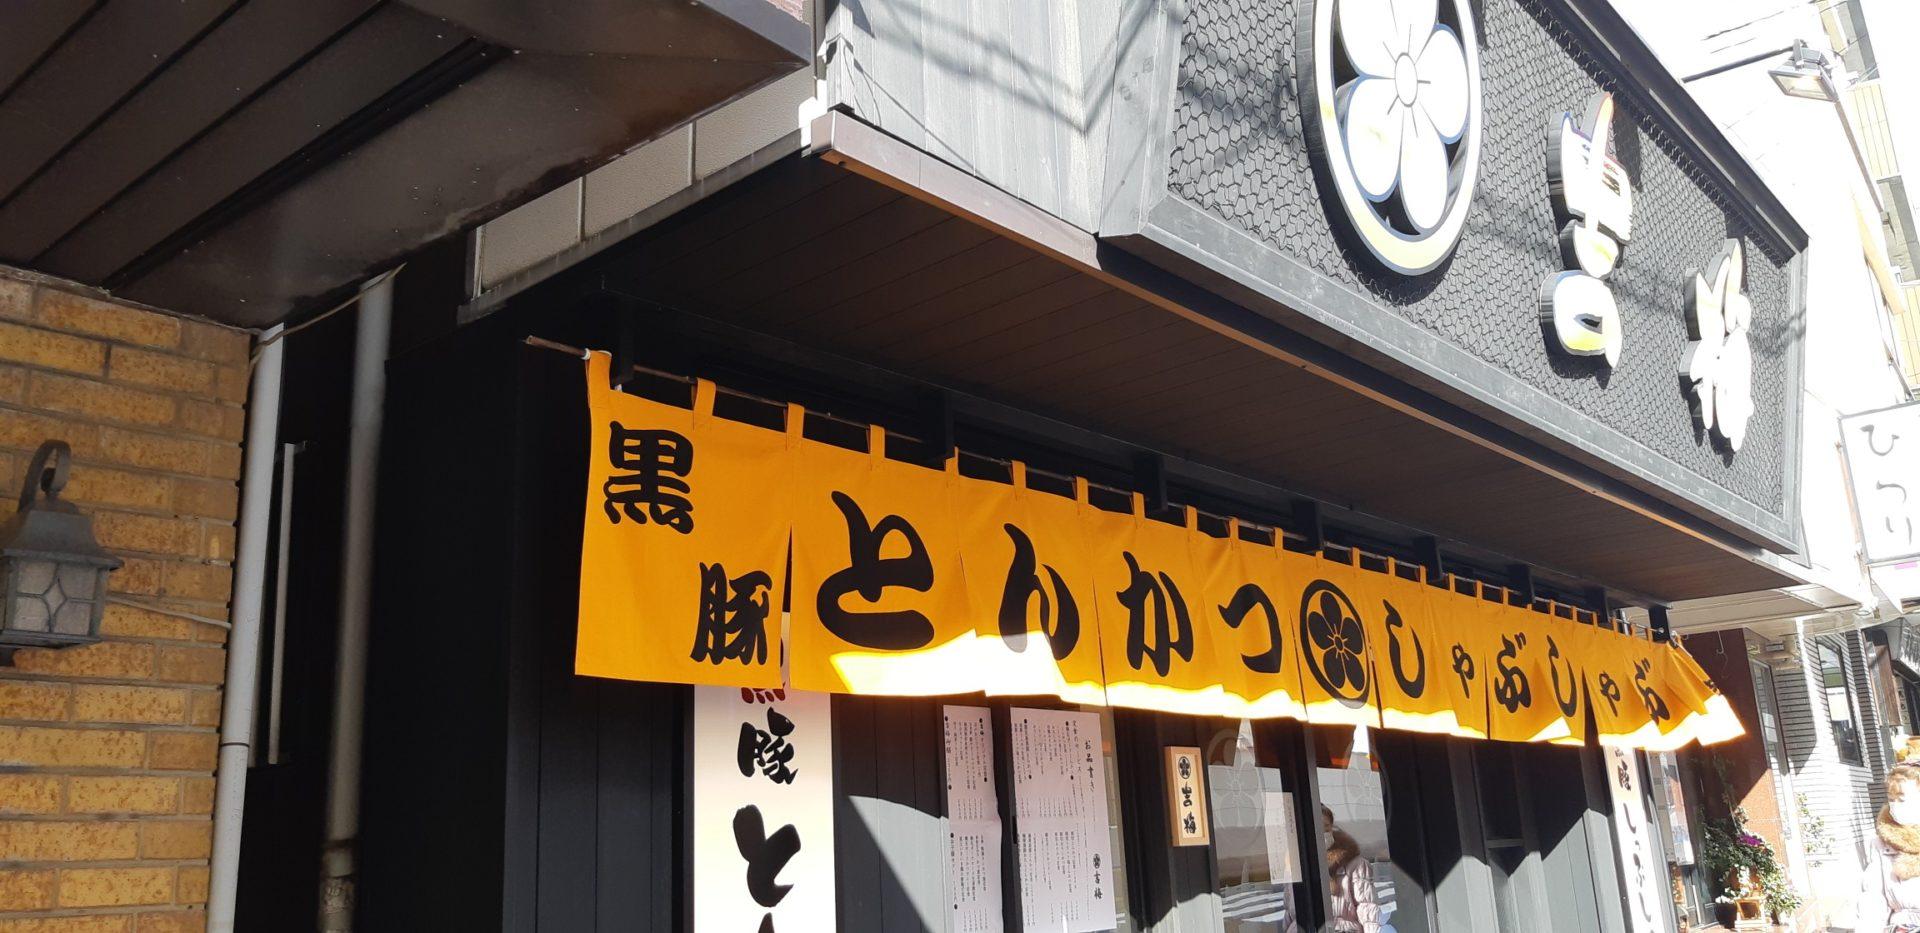 新店舗ぞくぞくオープン!! とんかつ『吉梅』です。